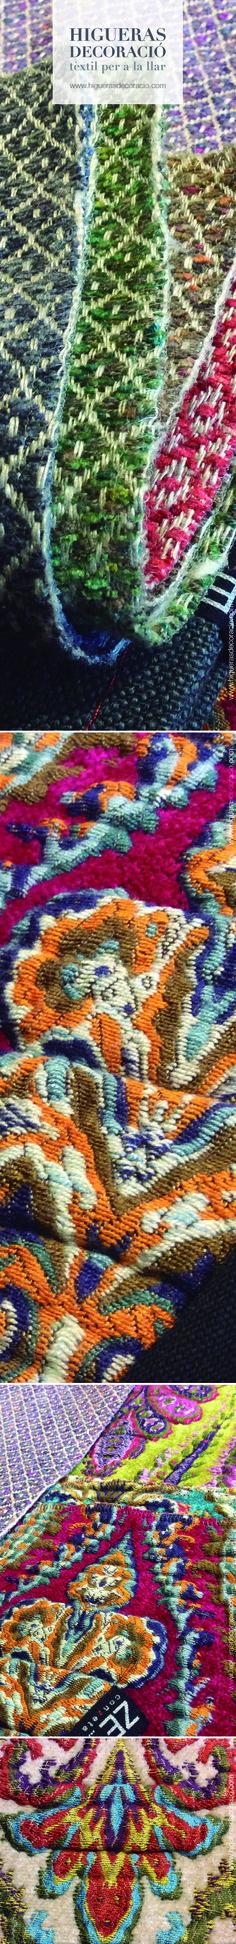 Telas con estampado de cachemira o paisley. Estampados de lujo con una exquisita combinación cromática. Para tapizar sofás, sillas, butacas, cojines…  www.higuerasdecoracio.com